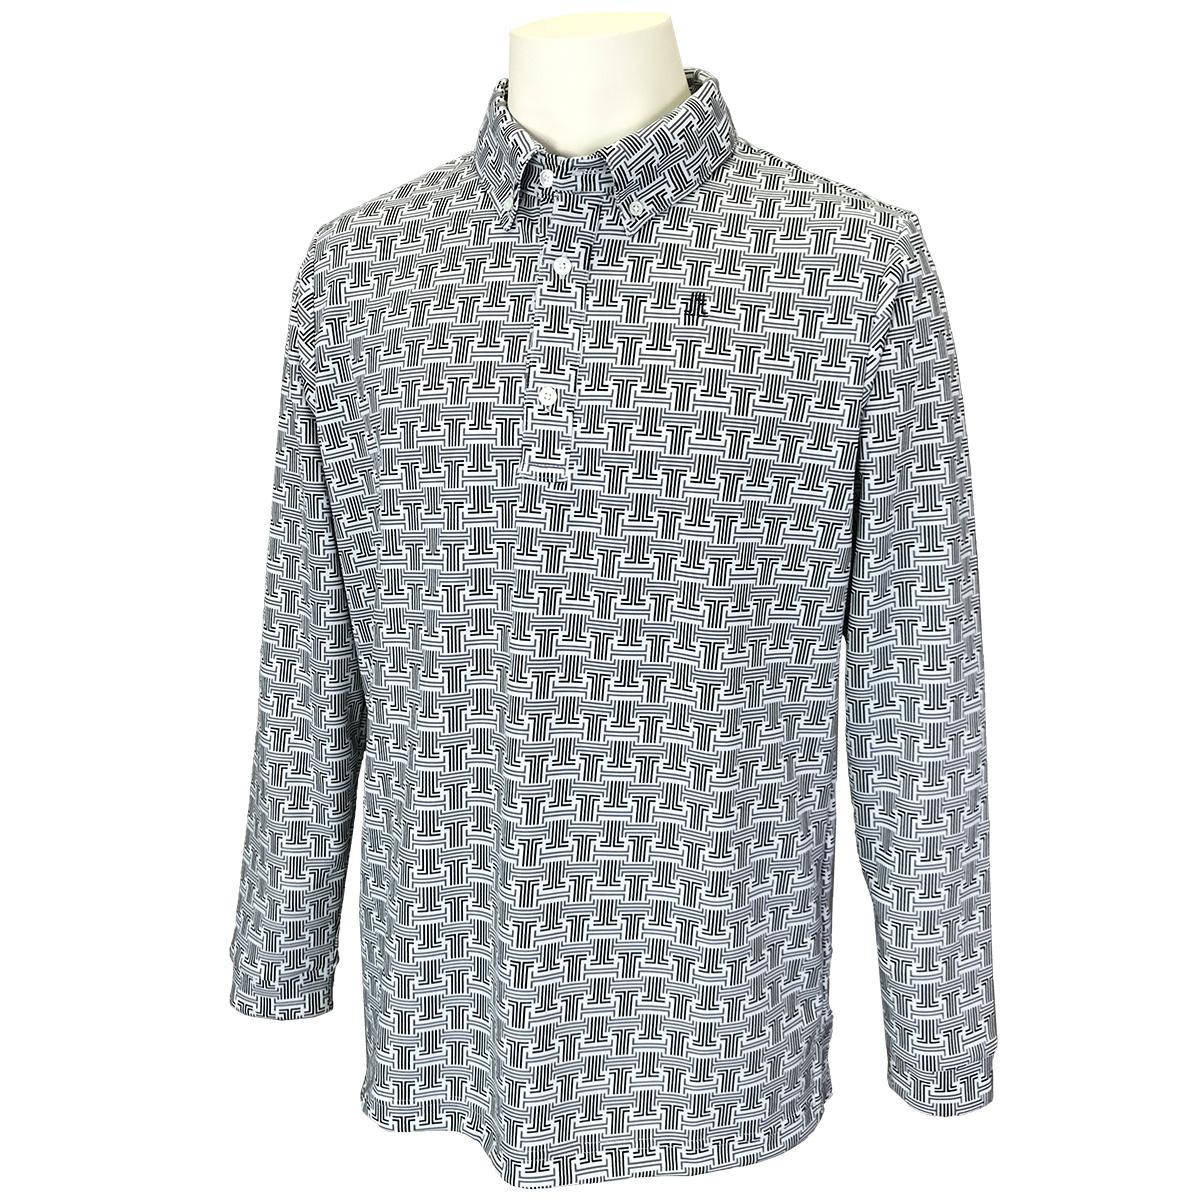 JLモノグラムロゴプリント長袖ポロシャツ